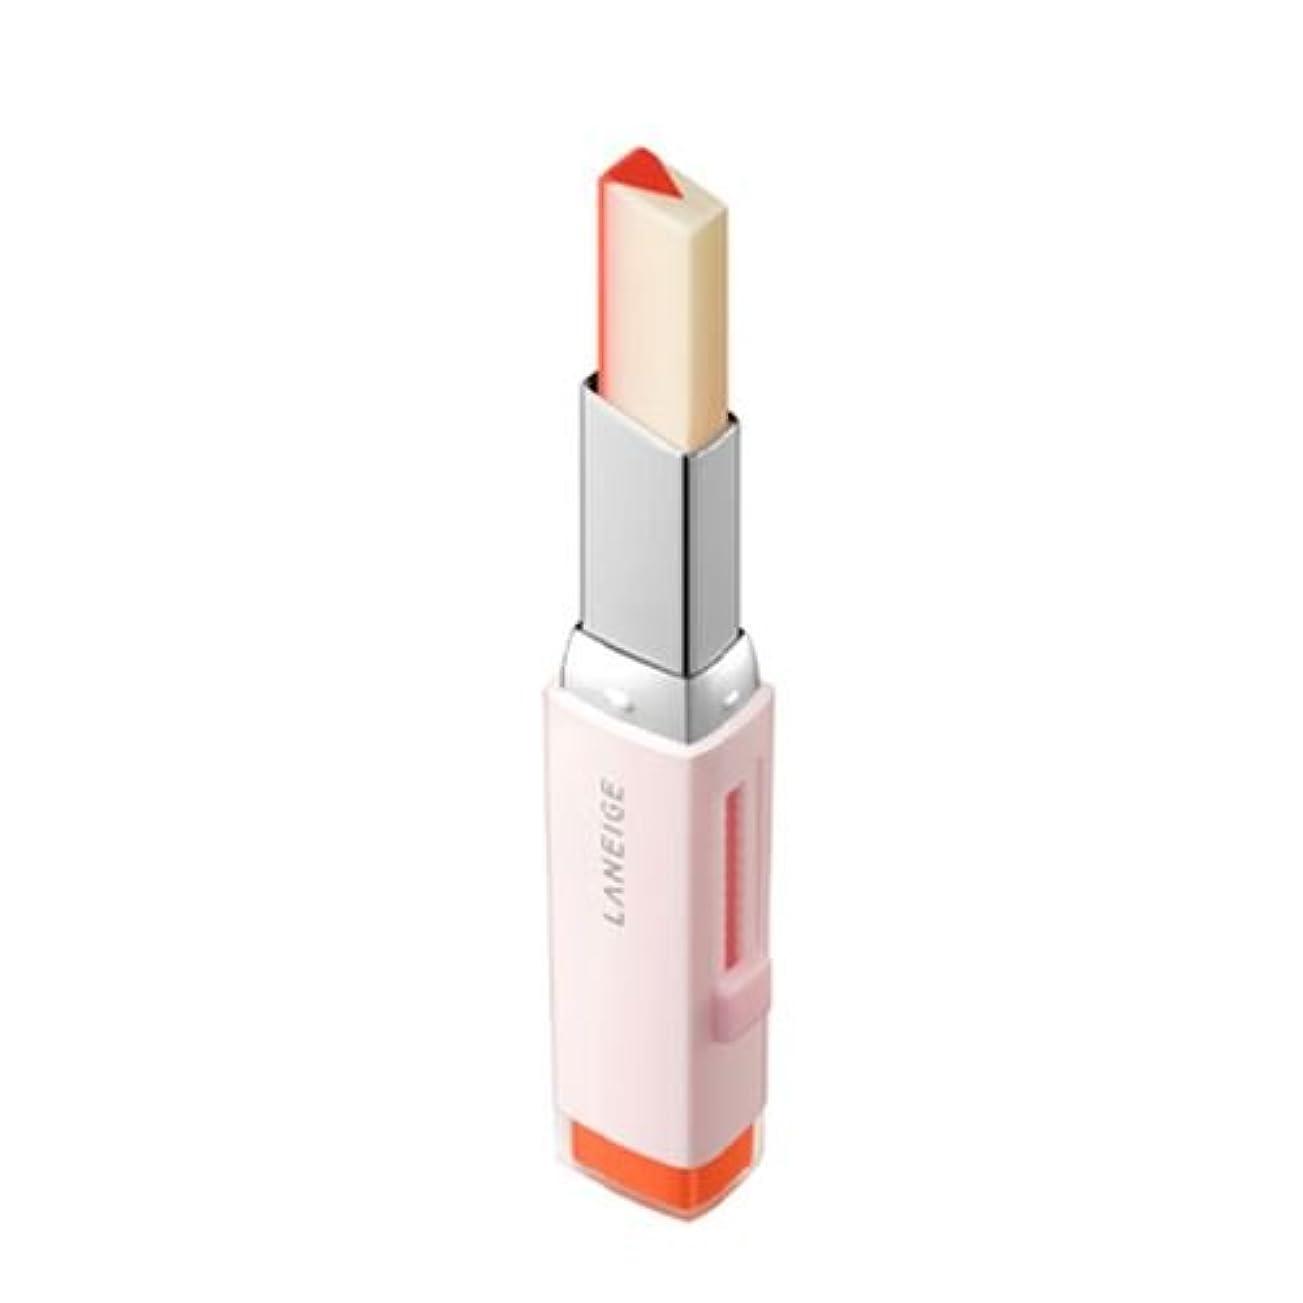 比較的劇的町[New] LANEIGE Two Tone Tint Lip Bar 2g/ラネージュ ツー トーン ティント リップ バー 2g (#02 Tangeine Slice) [並行輸入品]